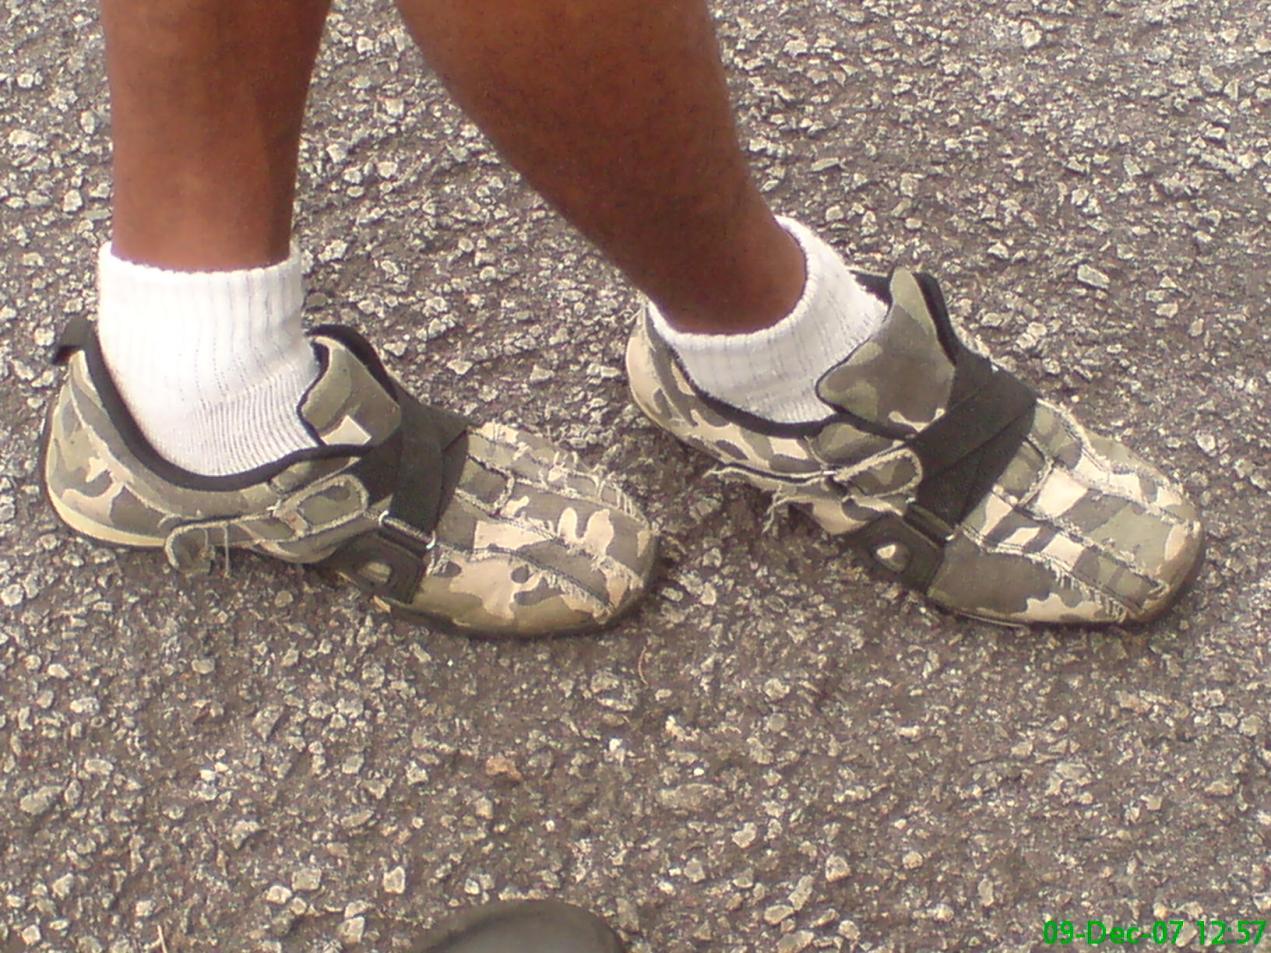 Loreng cycling shoes.. cool!